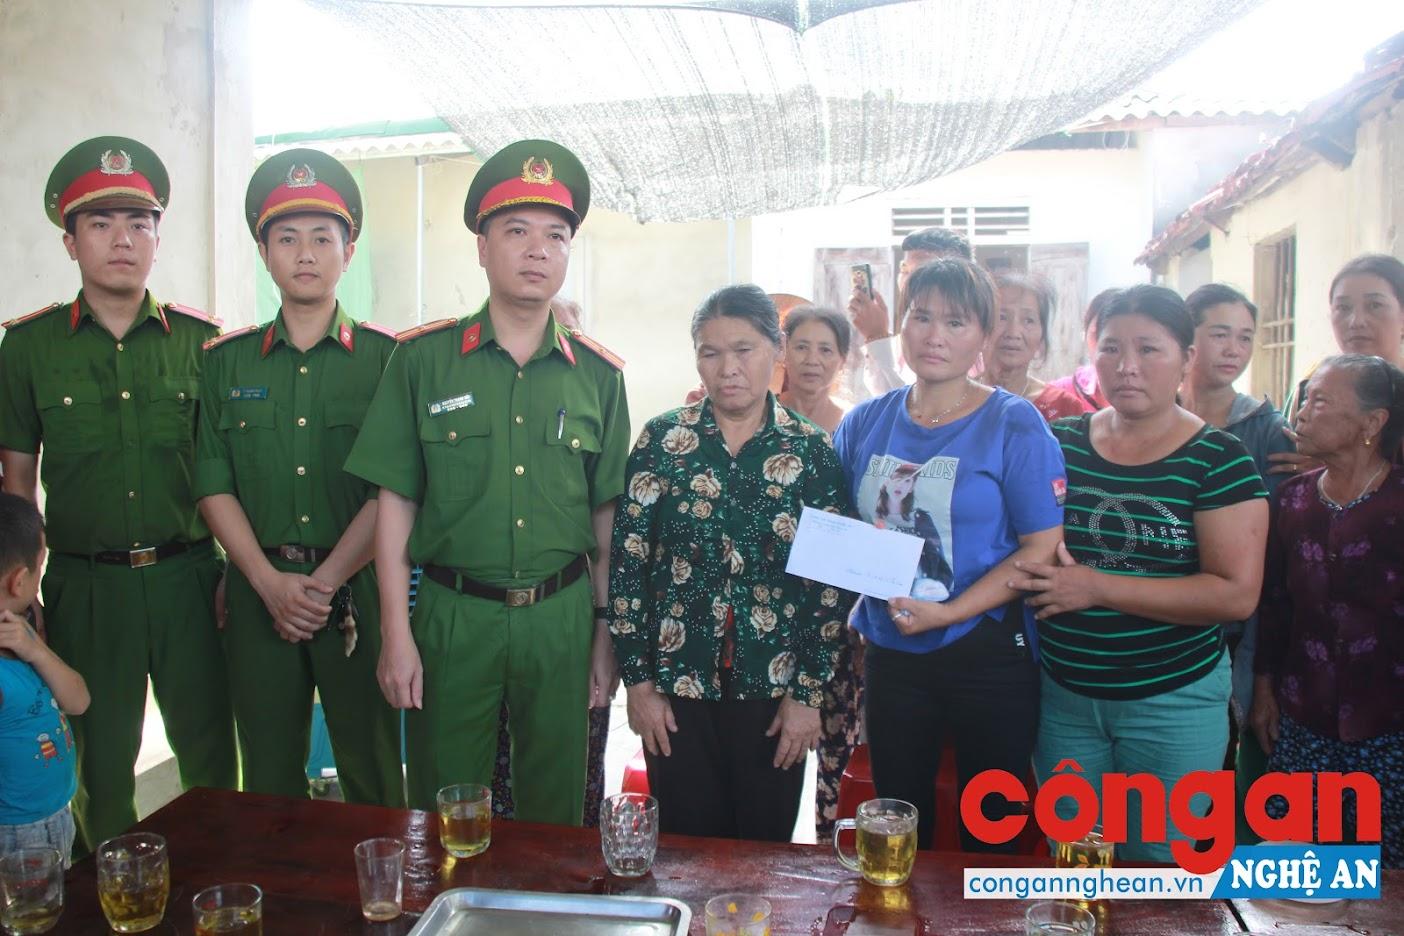 Đại diện Lãnh đạo Phòng Cảnh sát hình sự Công an Nghệ An bàn giao chị Lan và tặng quà hỗ trợ cho gia đình